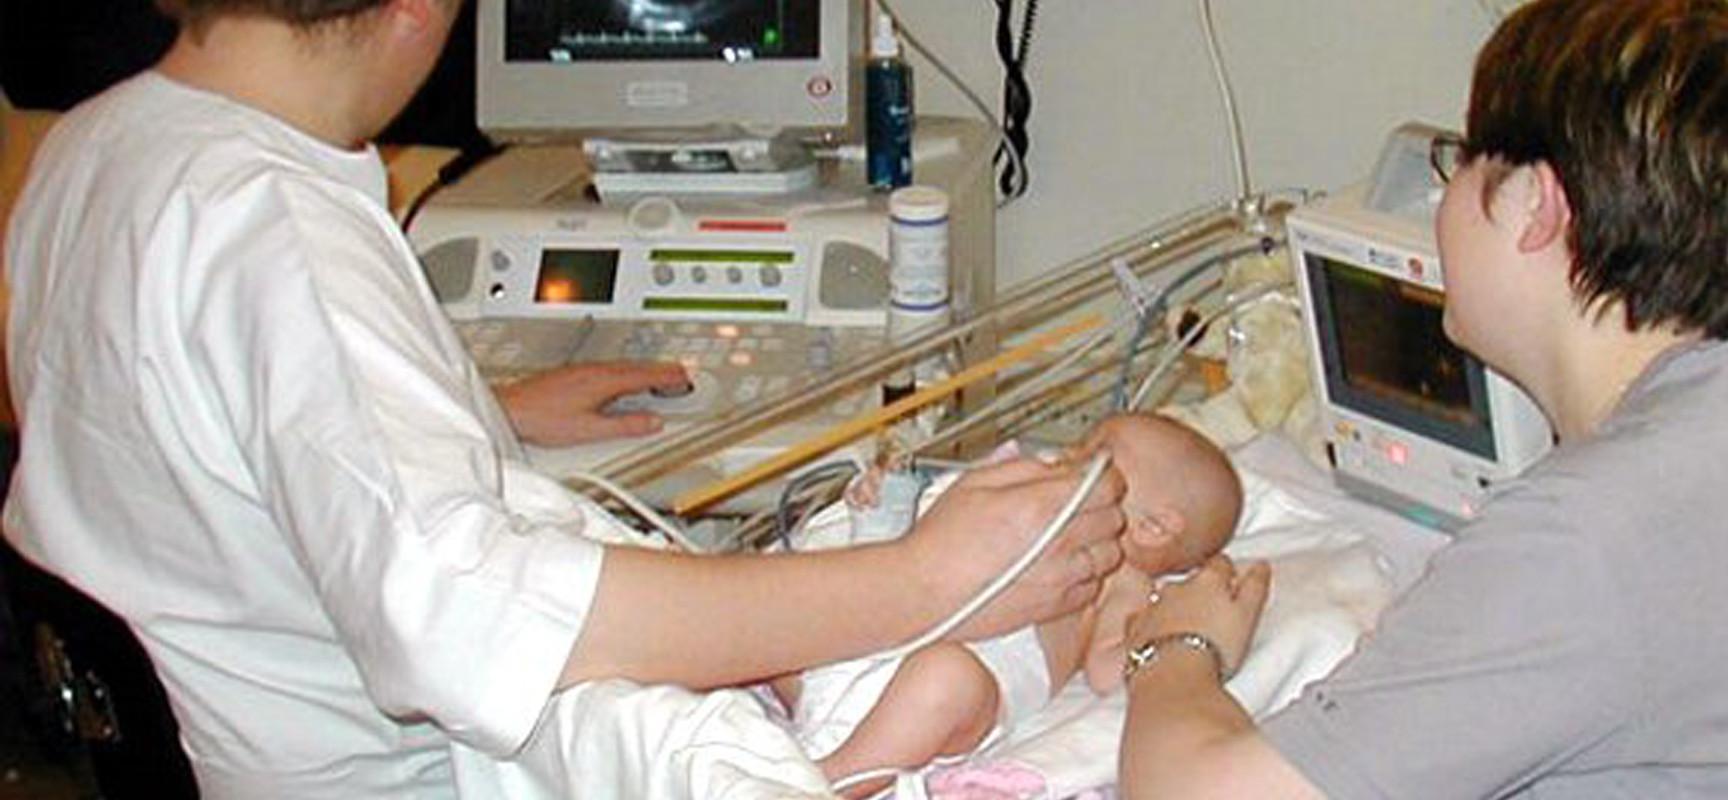 Ультразвуковое исследование желудка новорожденного